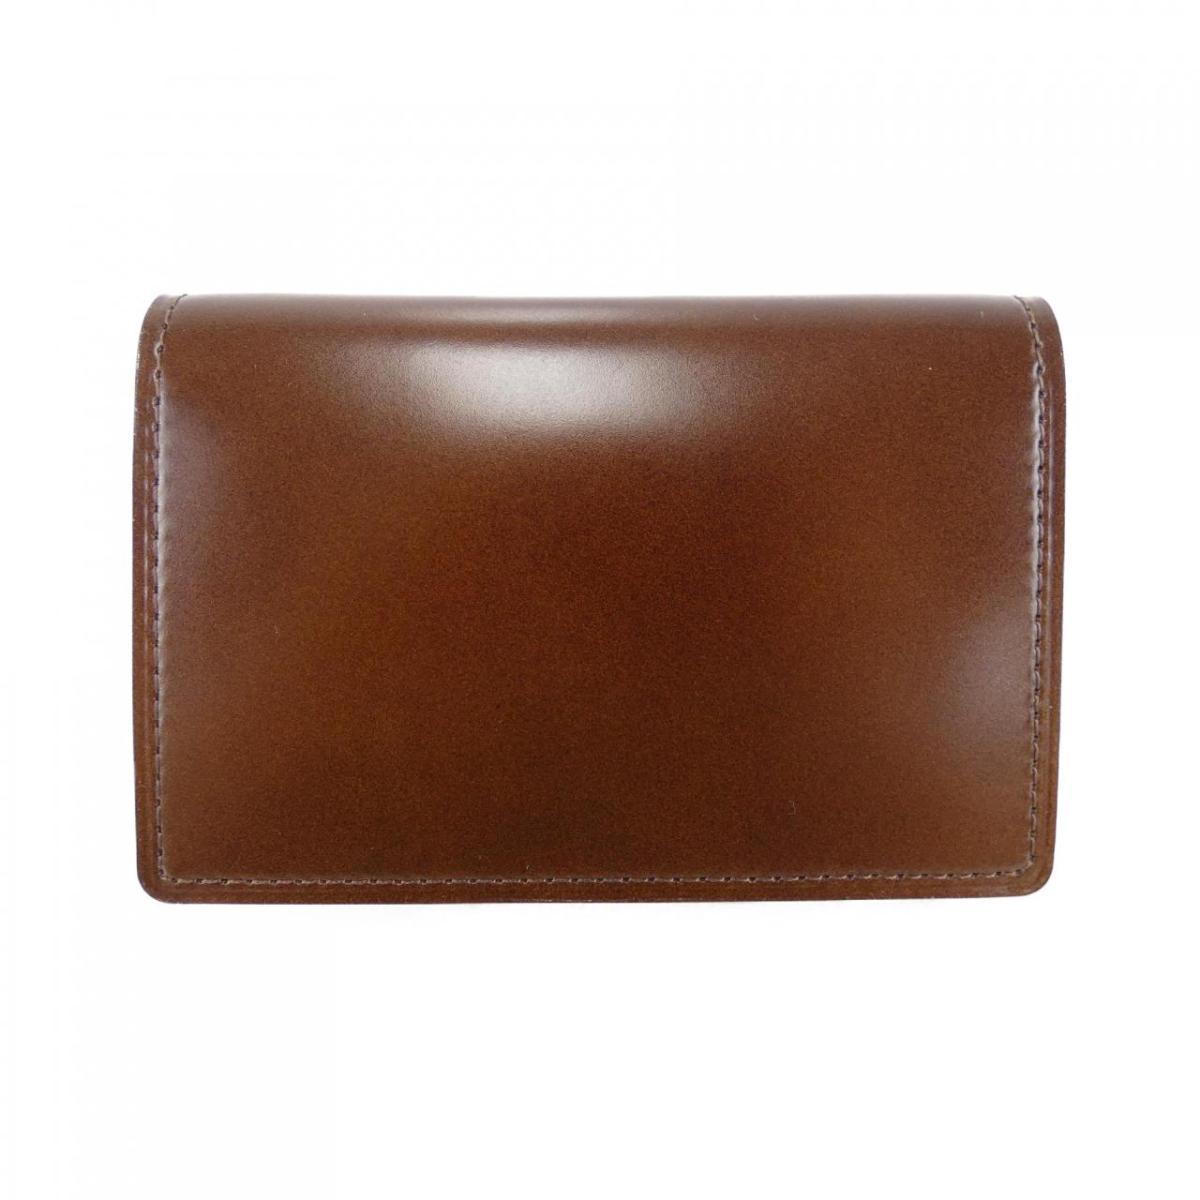 ツチヤカバン 土屋鞄 CARD CASE【中古】